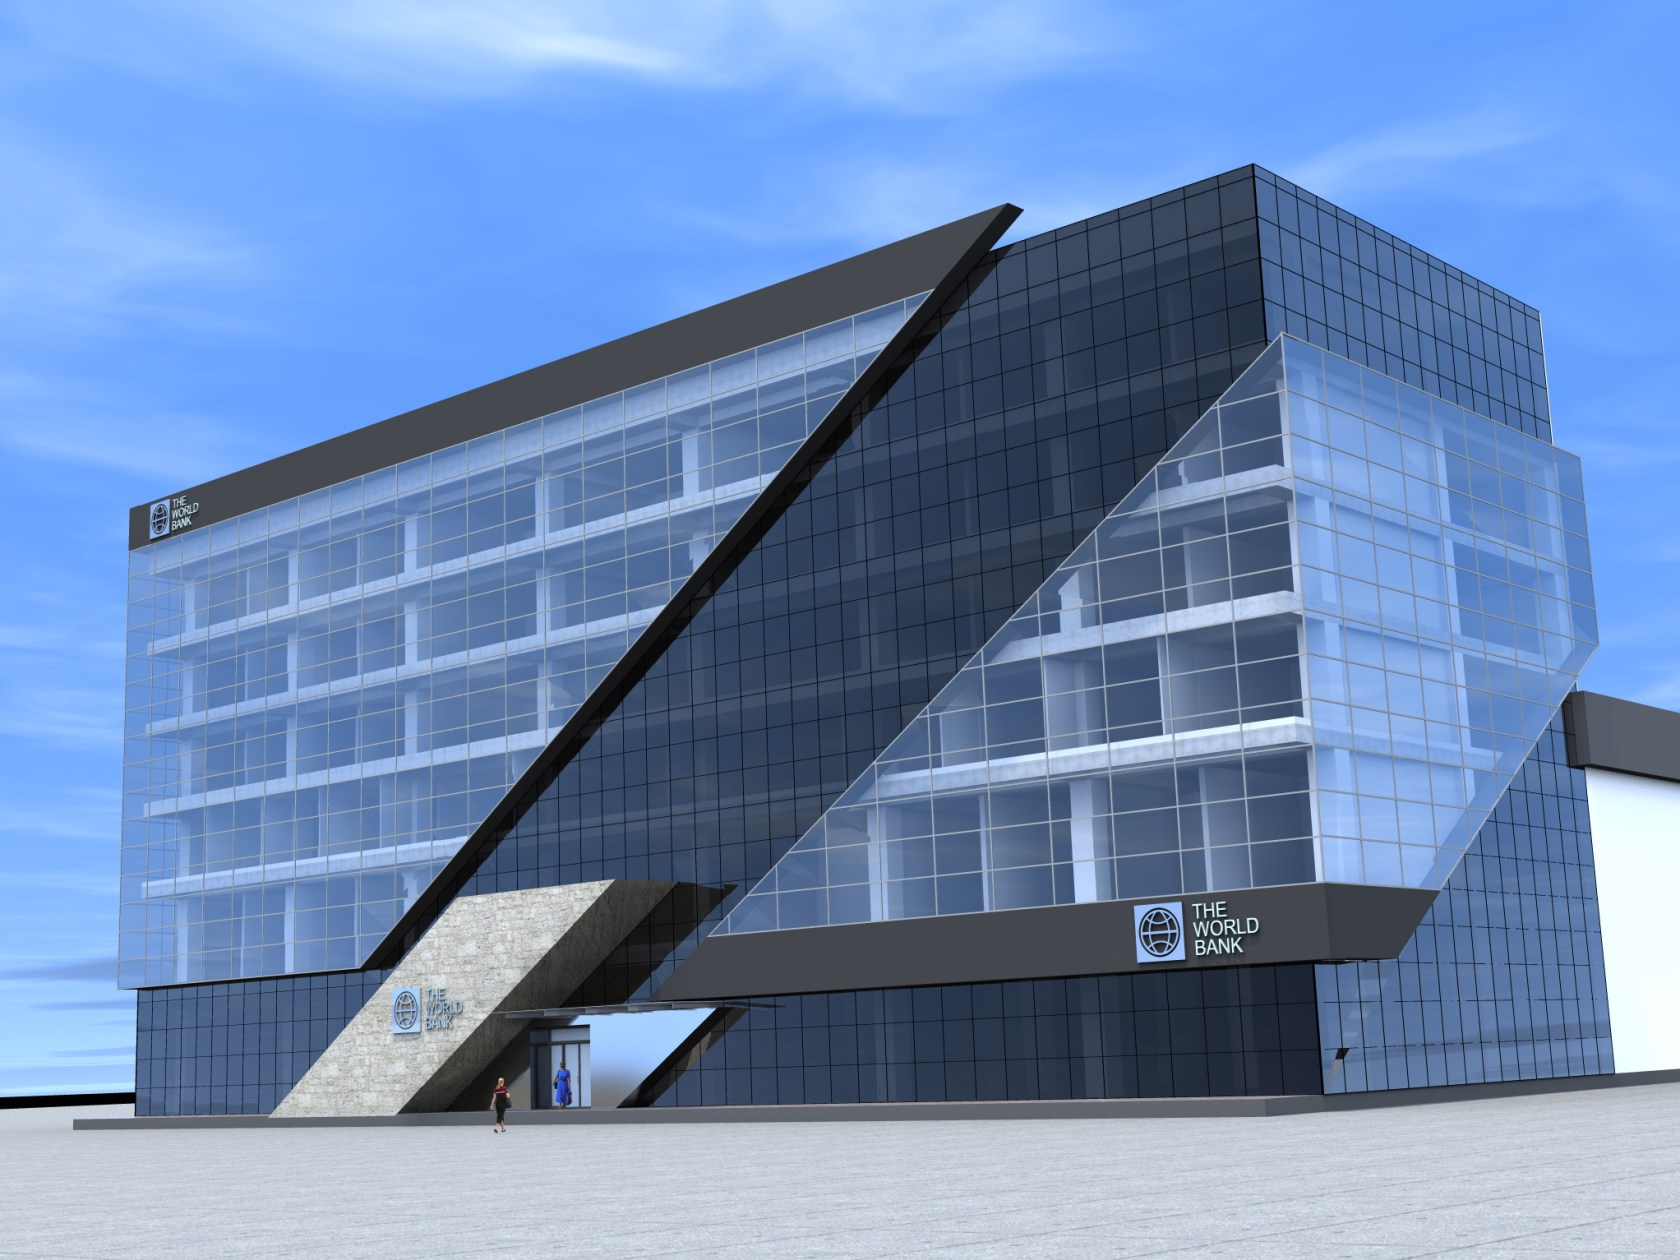 World Bank - Facade Design Architizer